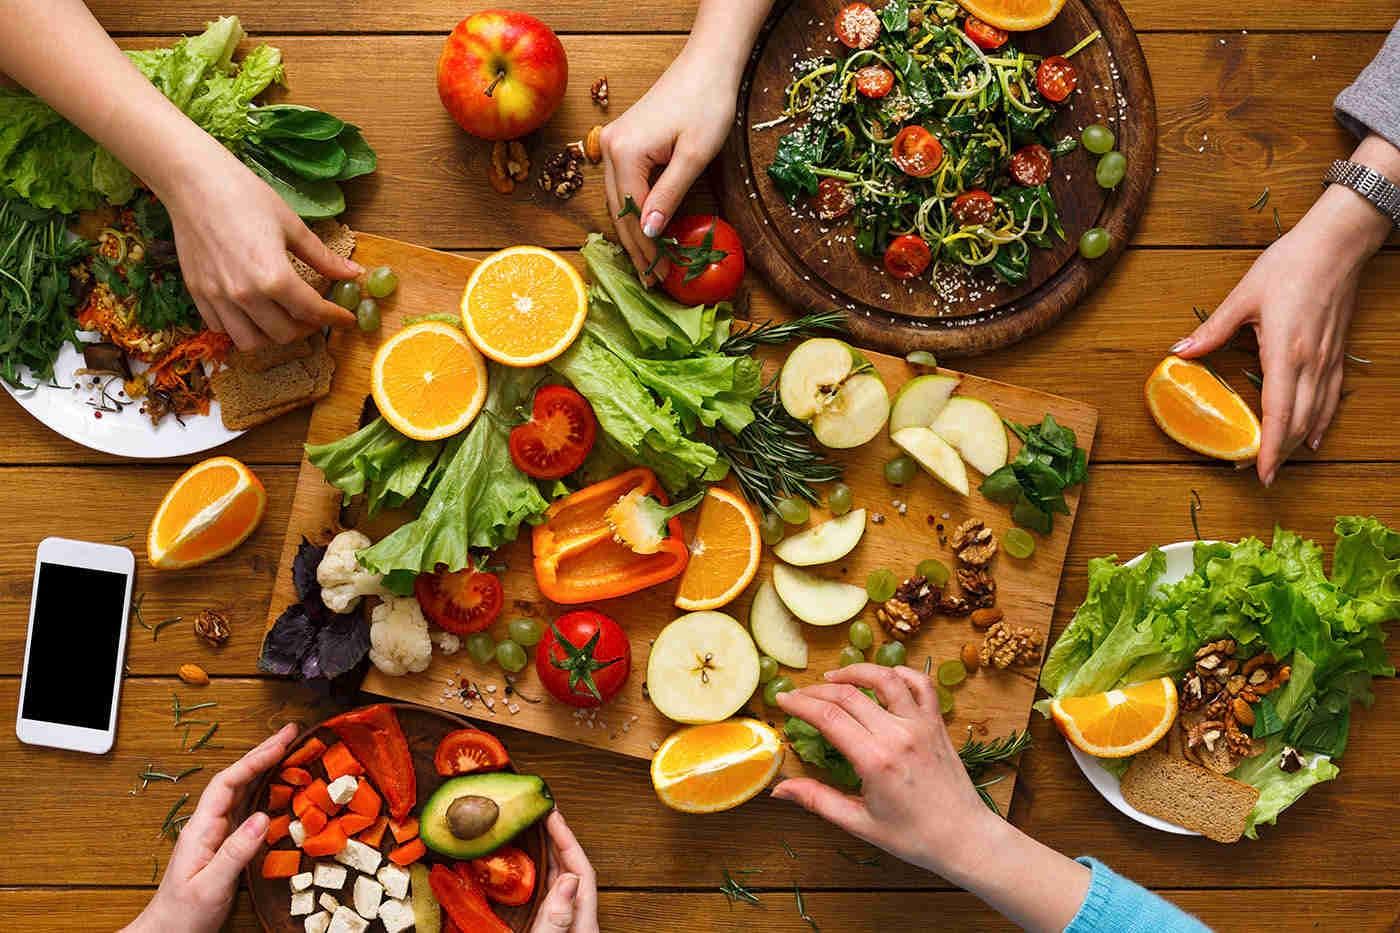 Consumul de legume și fructe prelungește viața? [studiu]